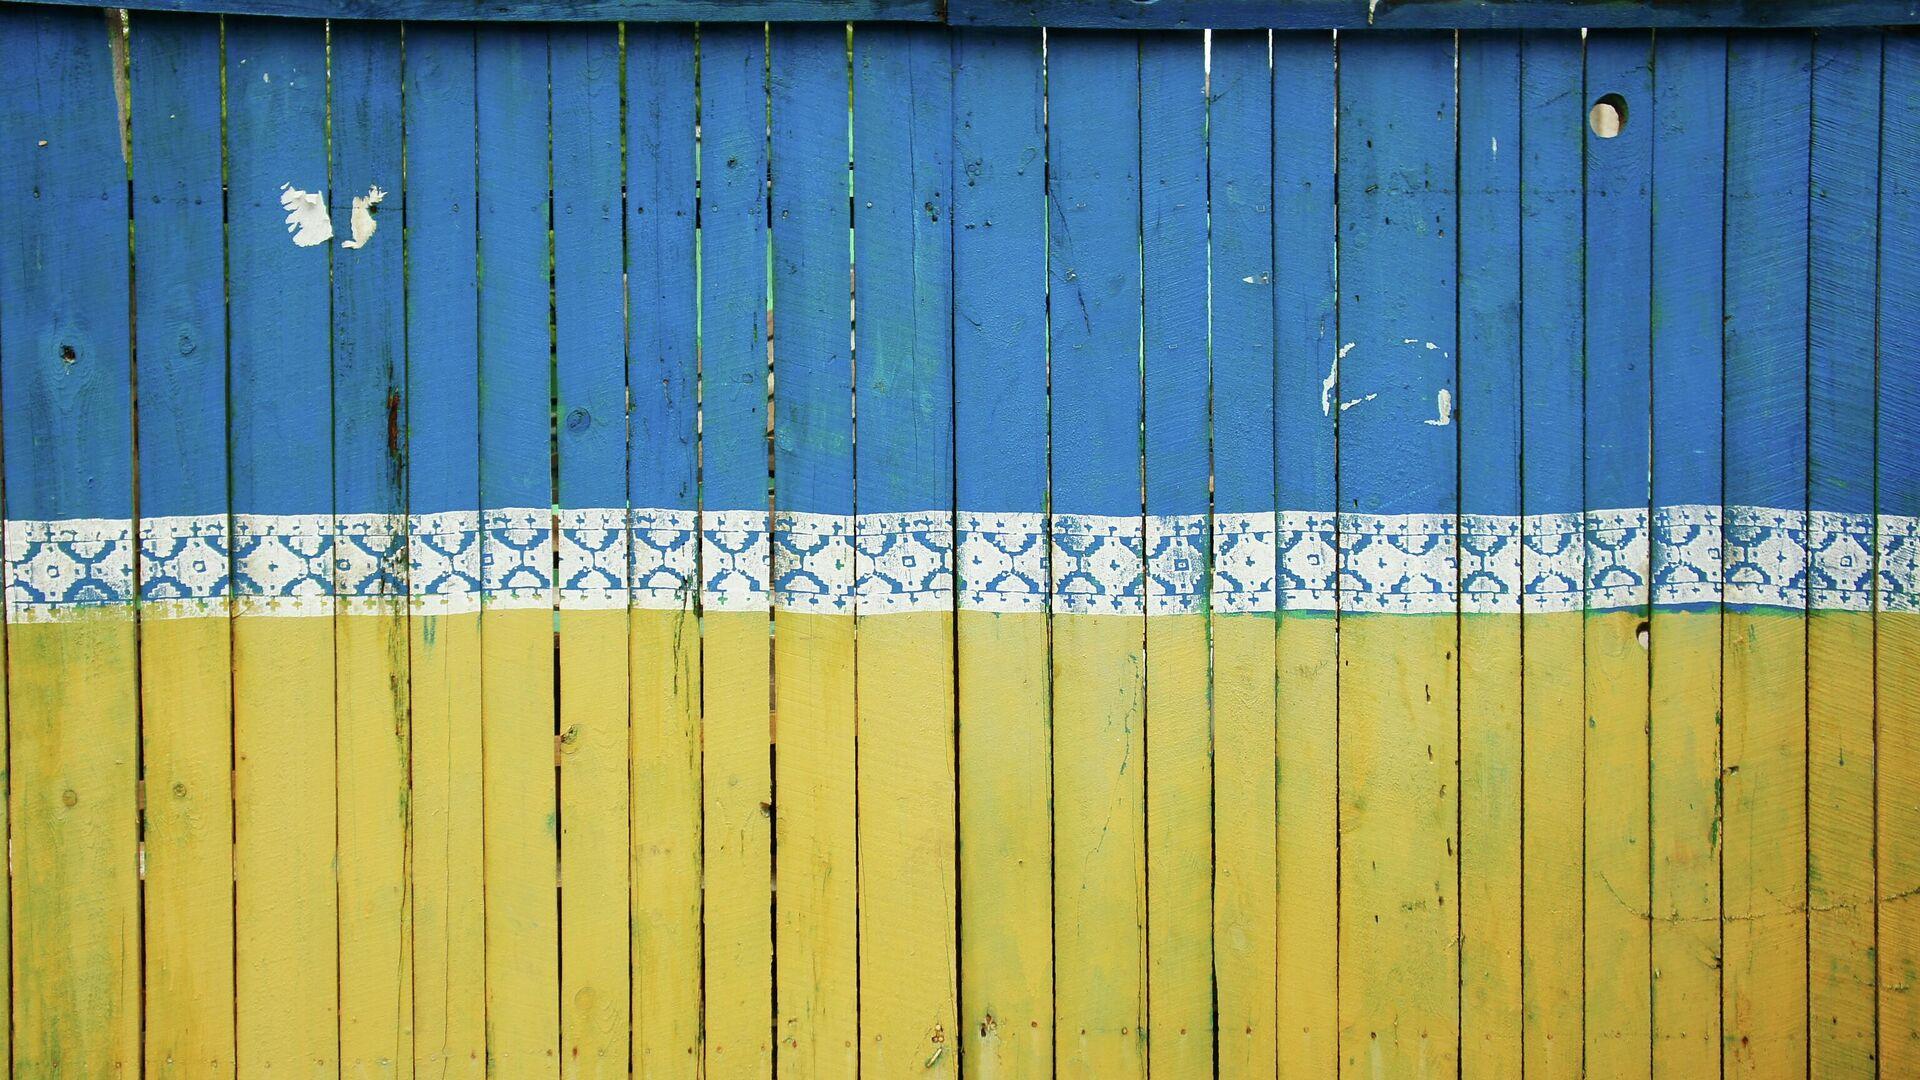 Забор, выкрашенный в цвета украинского флага - Sputnik Узбекистан, 1920, 09.10.2021